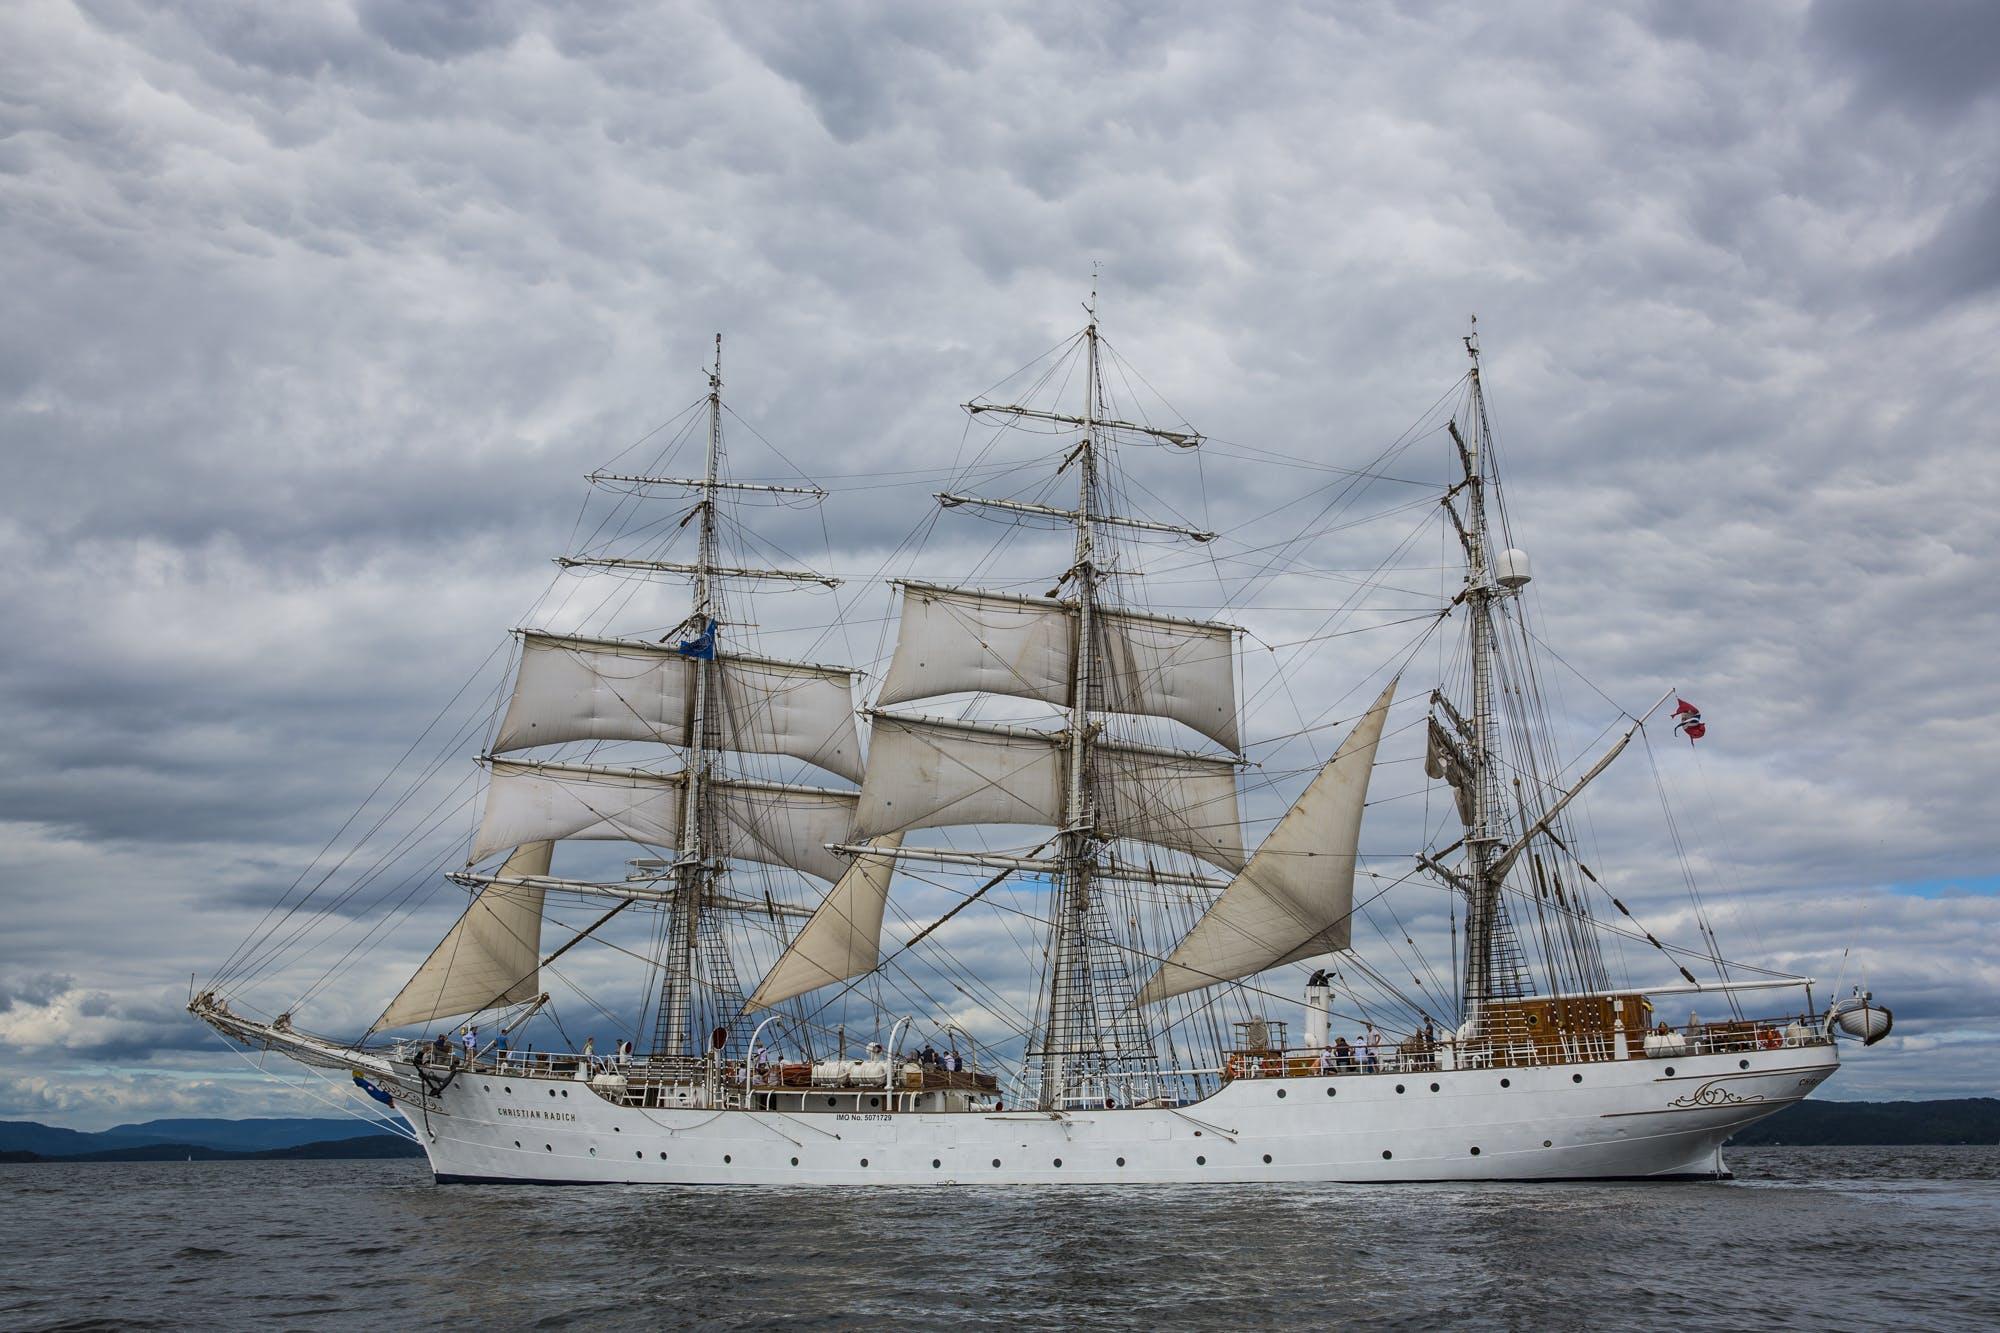 boat, classic, clouds